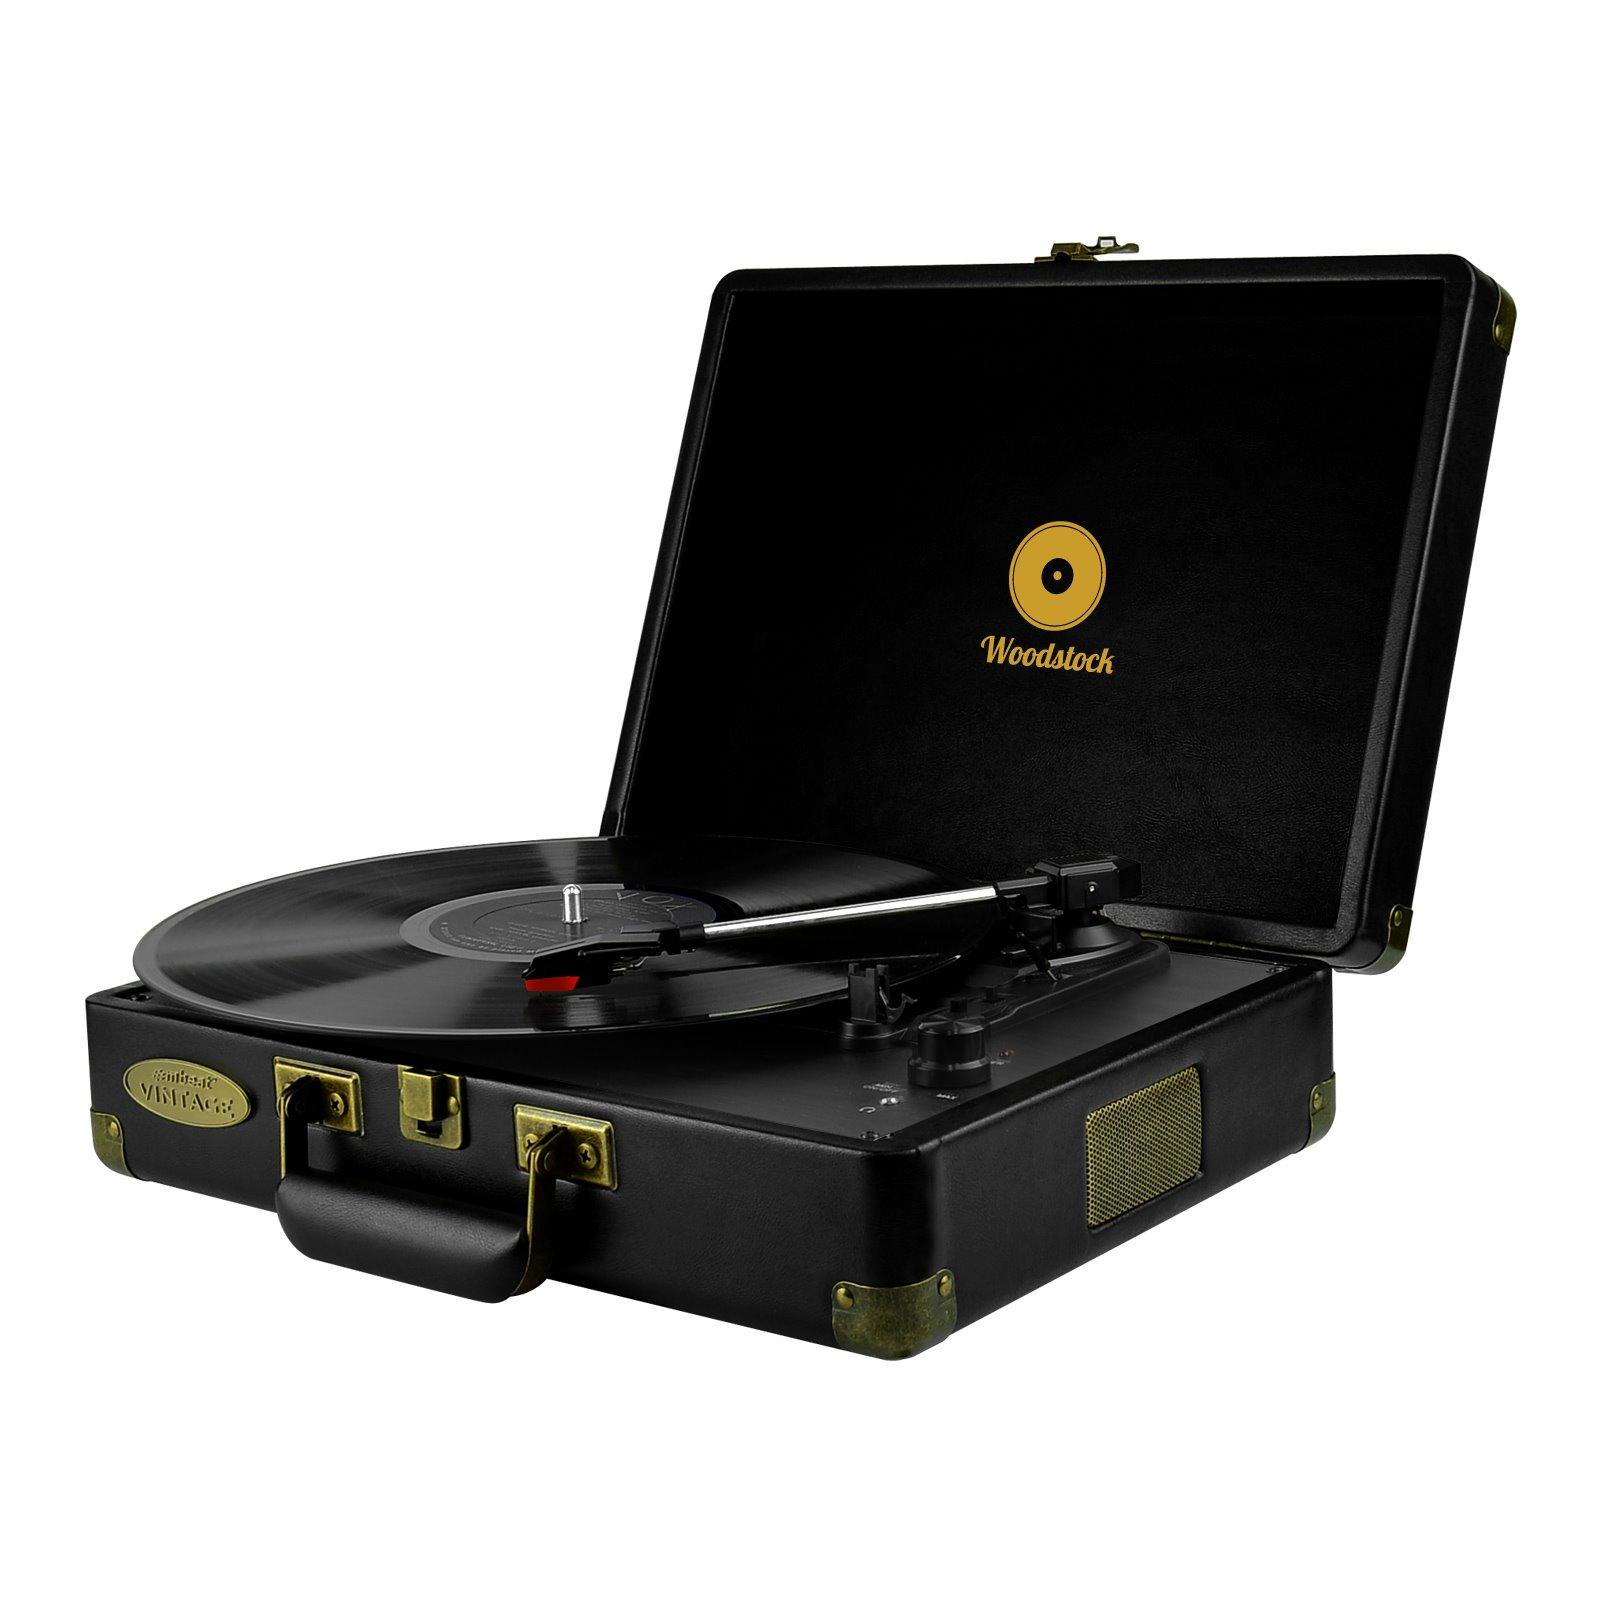 Mbeat® Woodstock Retro Turntable - Black